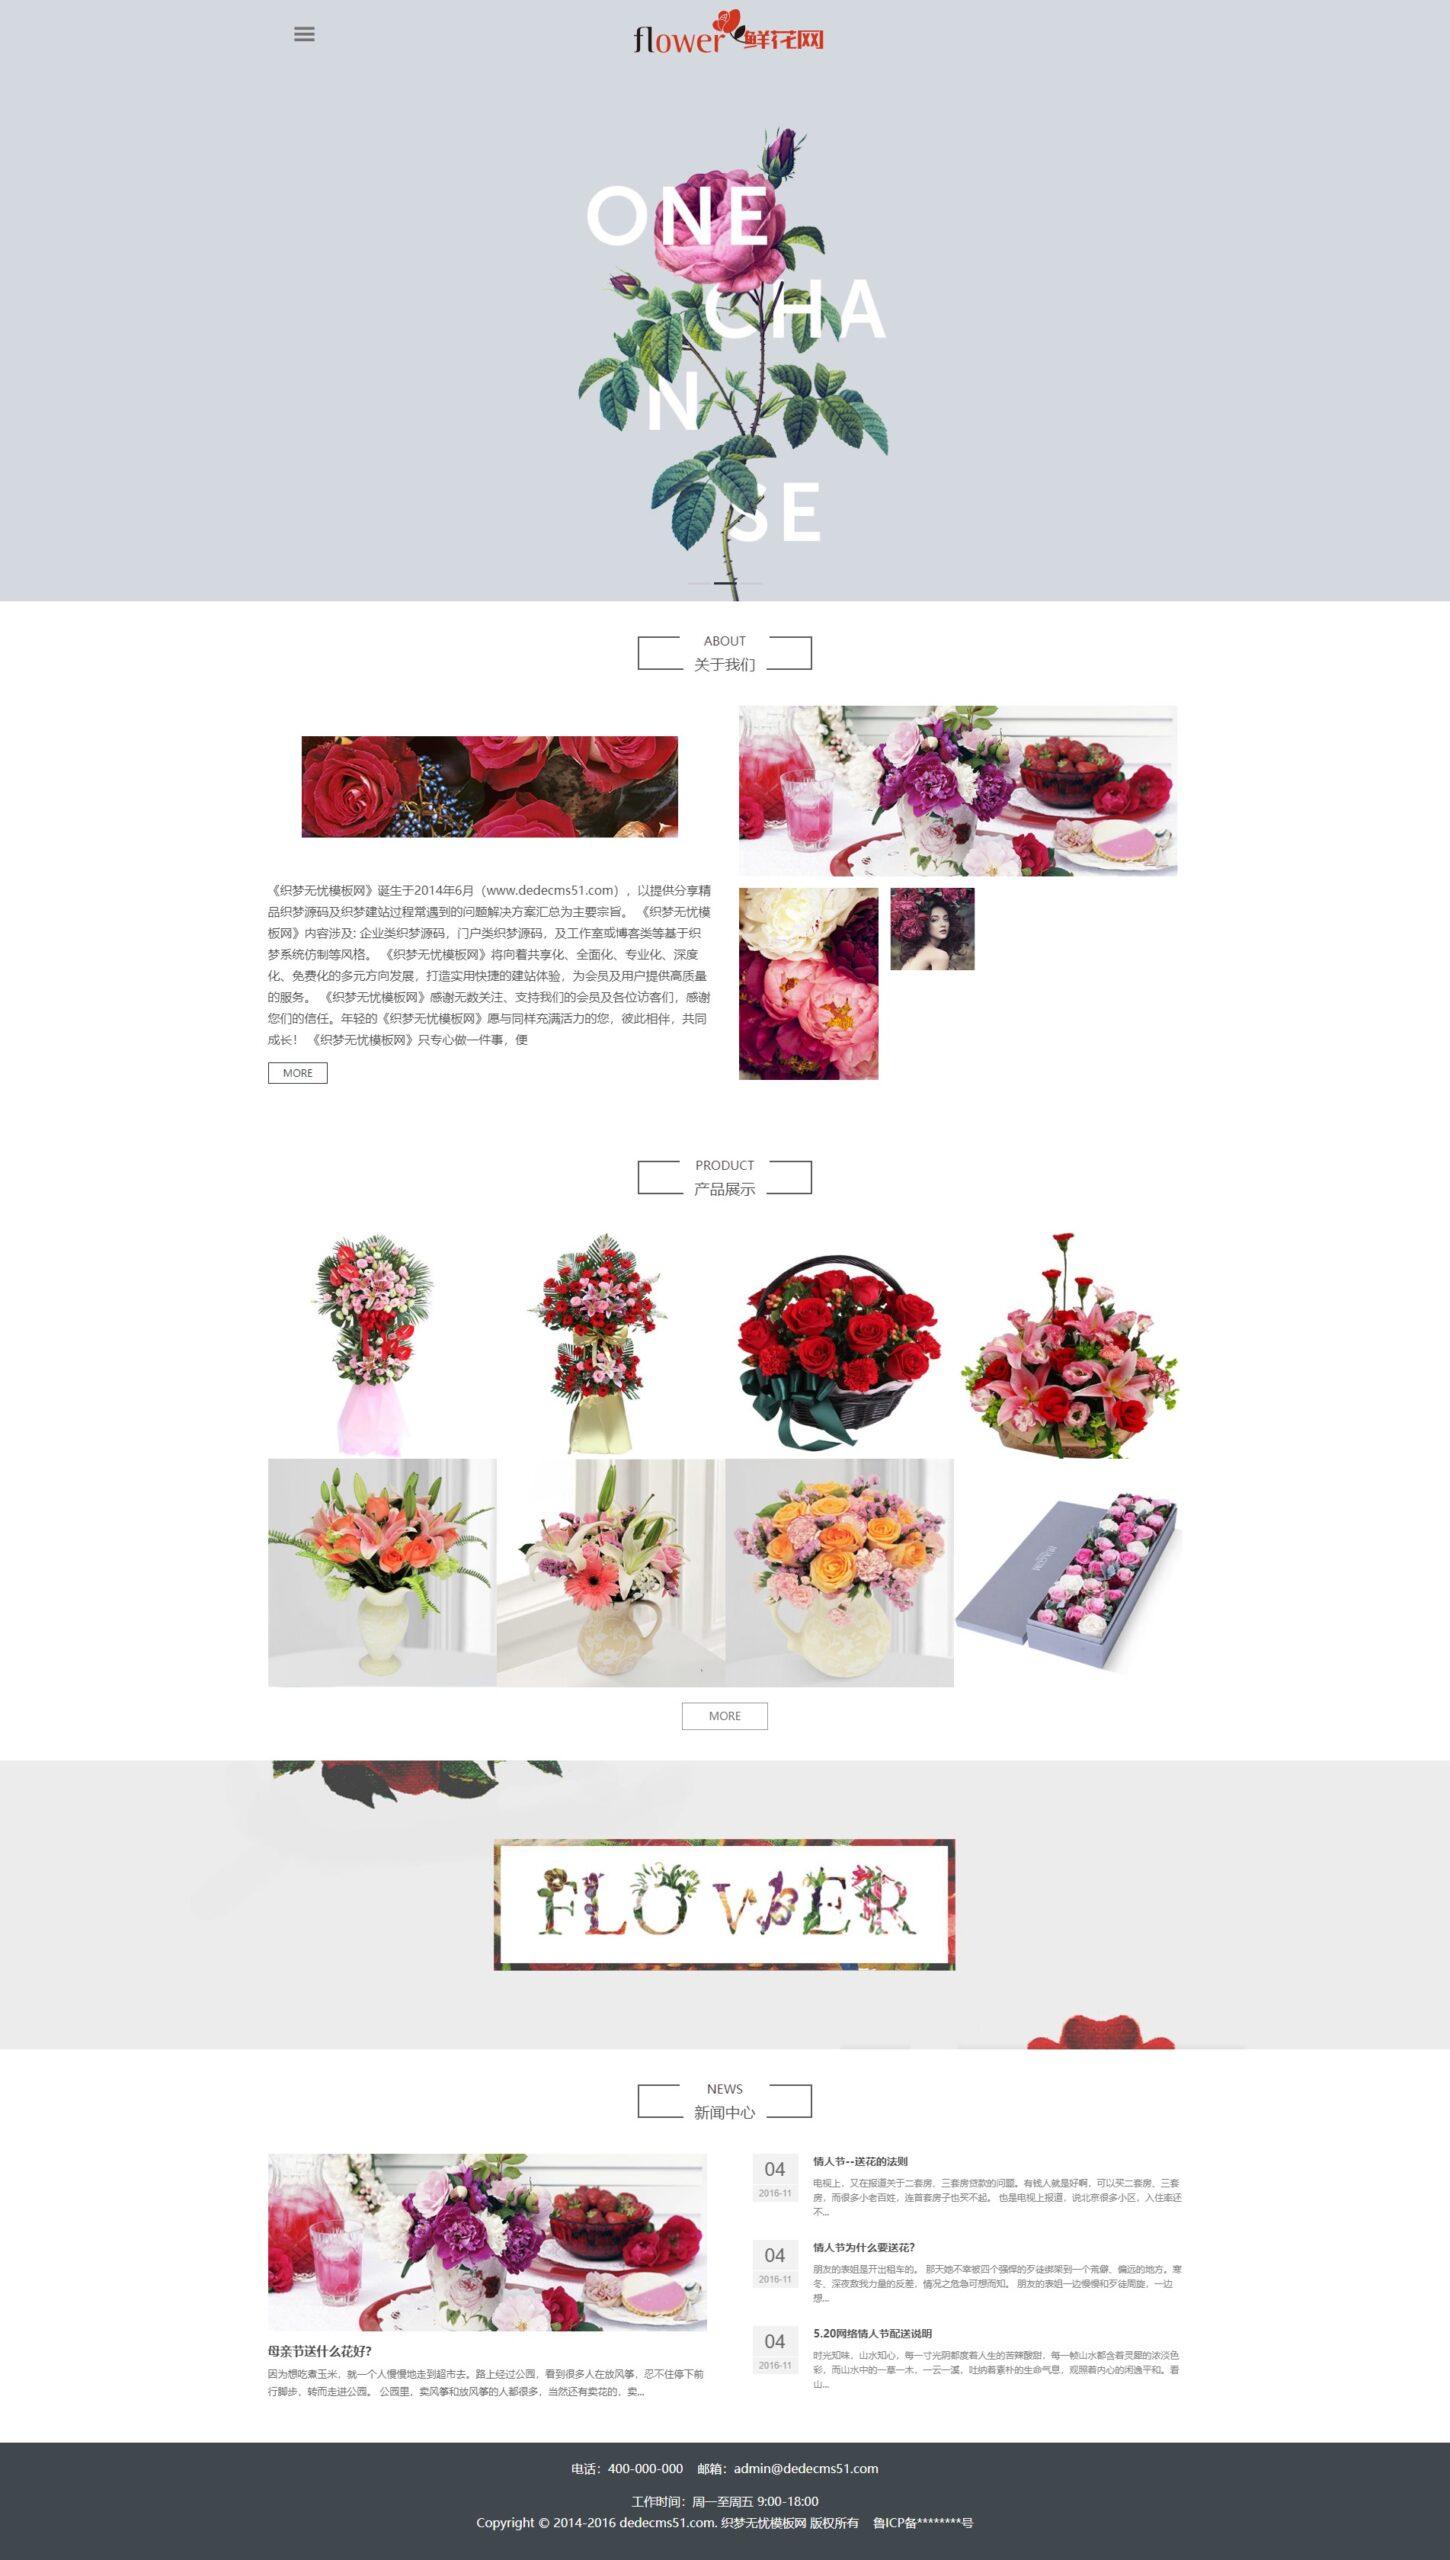 108响应式自适应鲜花网站html模板展示织梦dedecms免费模板源码【同步手机版数据】